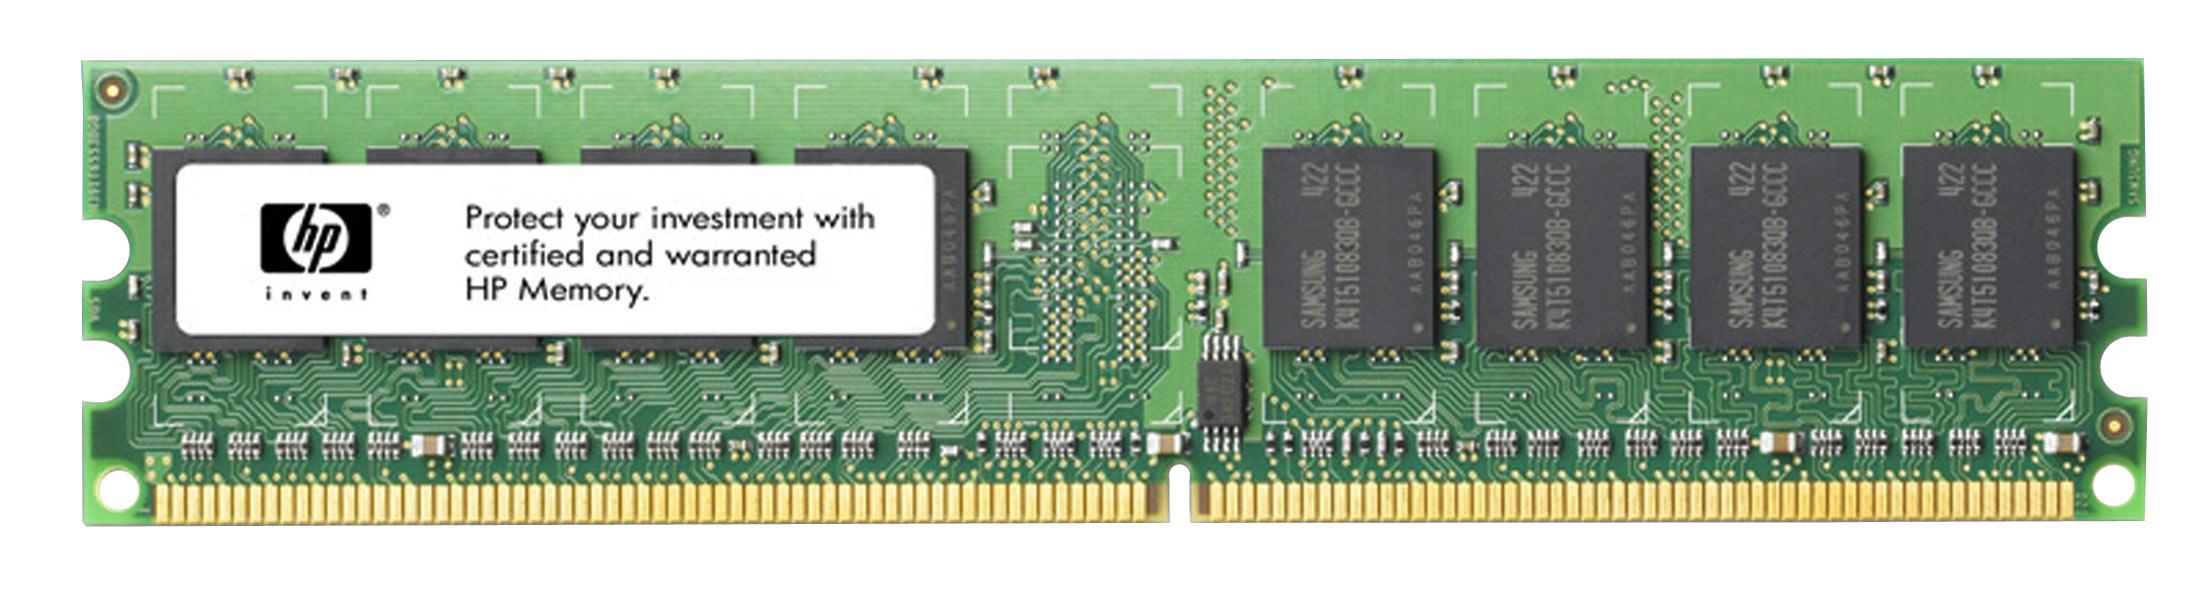 M4L Certified 256MB 667MHz DDR2 PC2-5300 Non-ECC CL5 240-Pin Single Rank x8 DIMM Mfr P/N M4L-PC2667D2N5-256